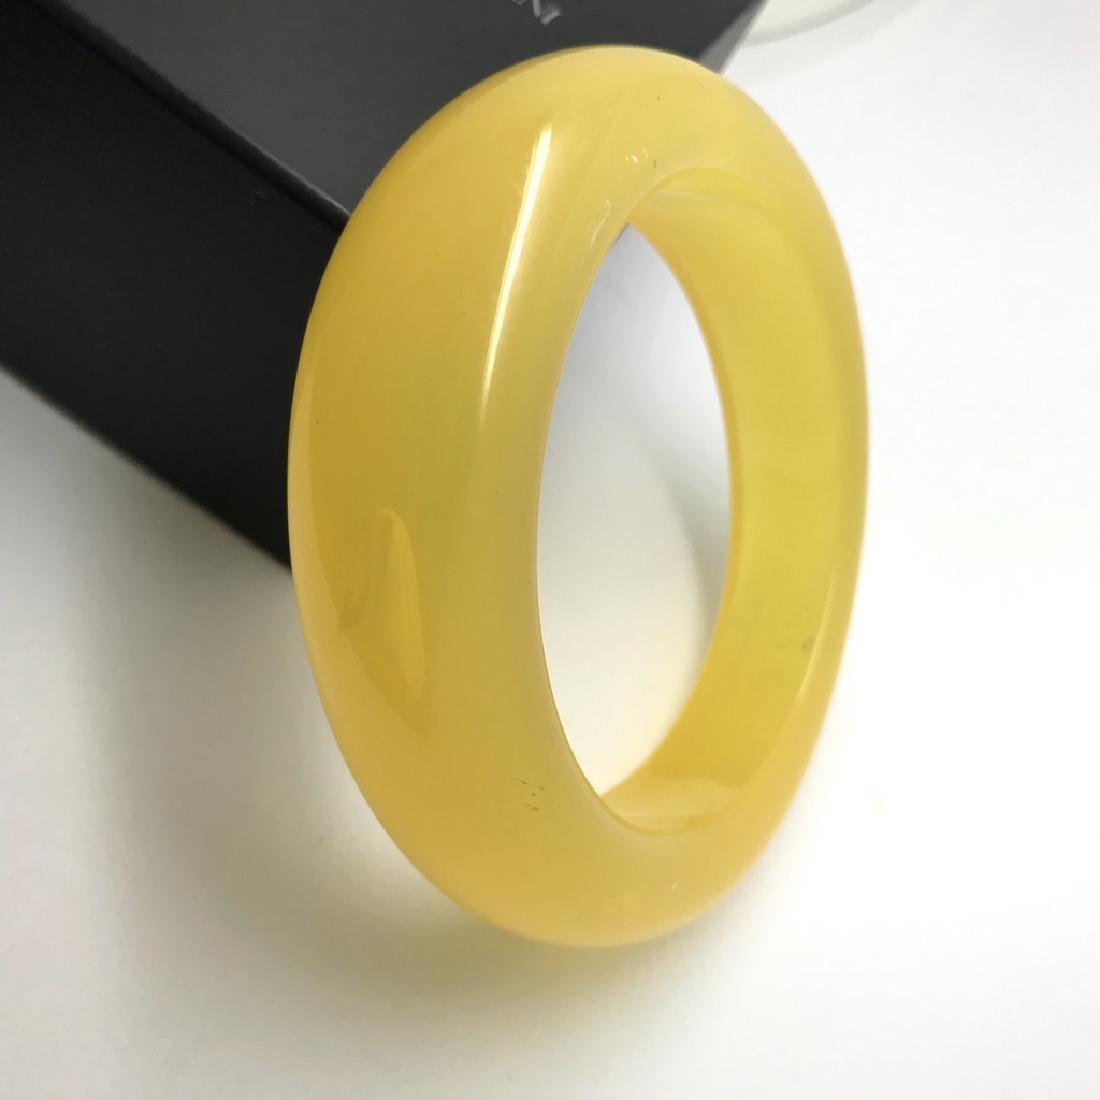 Vintage bangle bracelet amber design bakelite 63.9 gr - 2